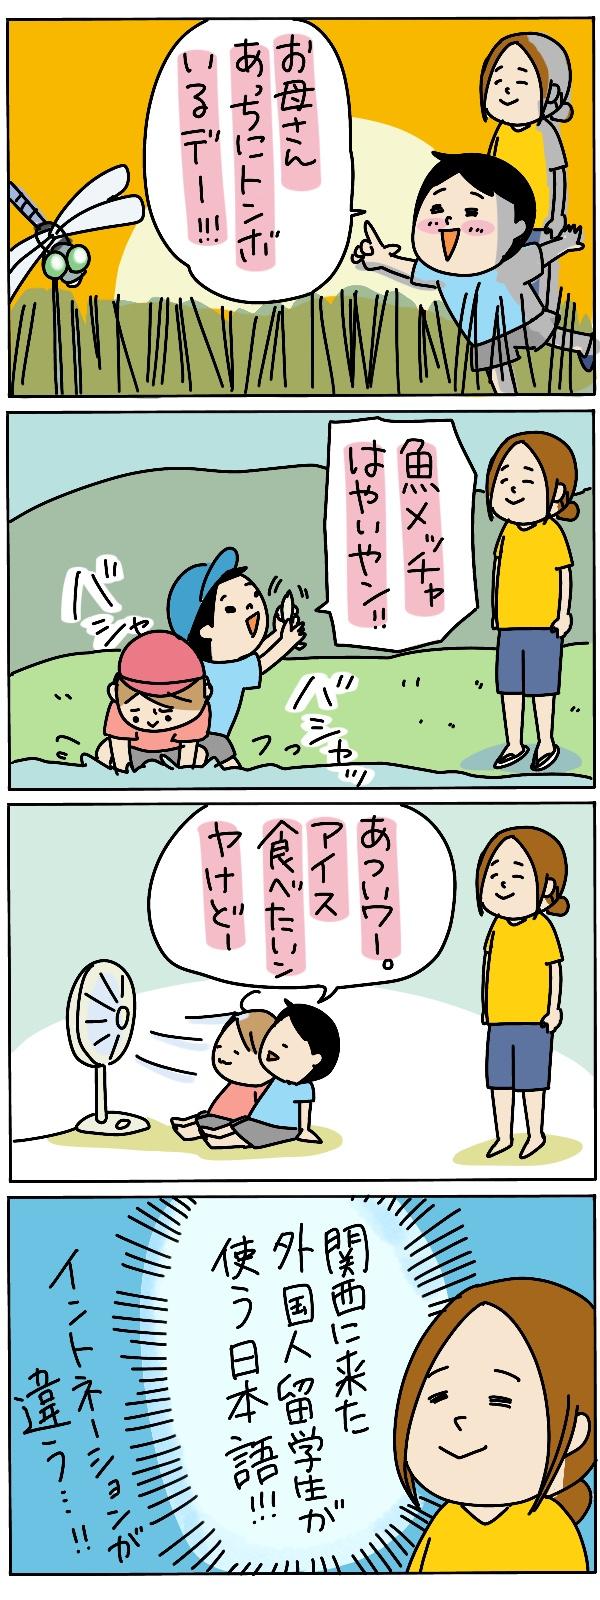 すぐに関西弁を吸収した息子たち。でもイントネーションがちょっと違う…。